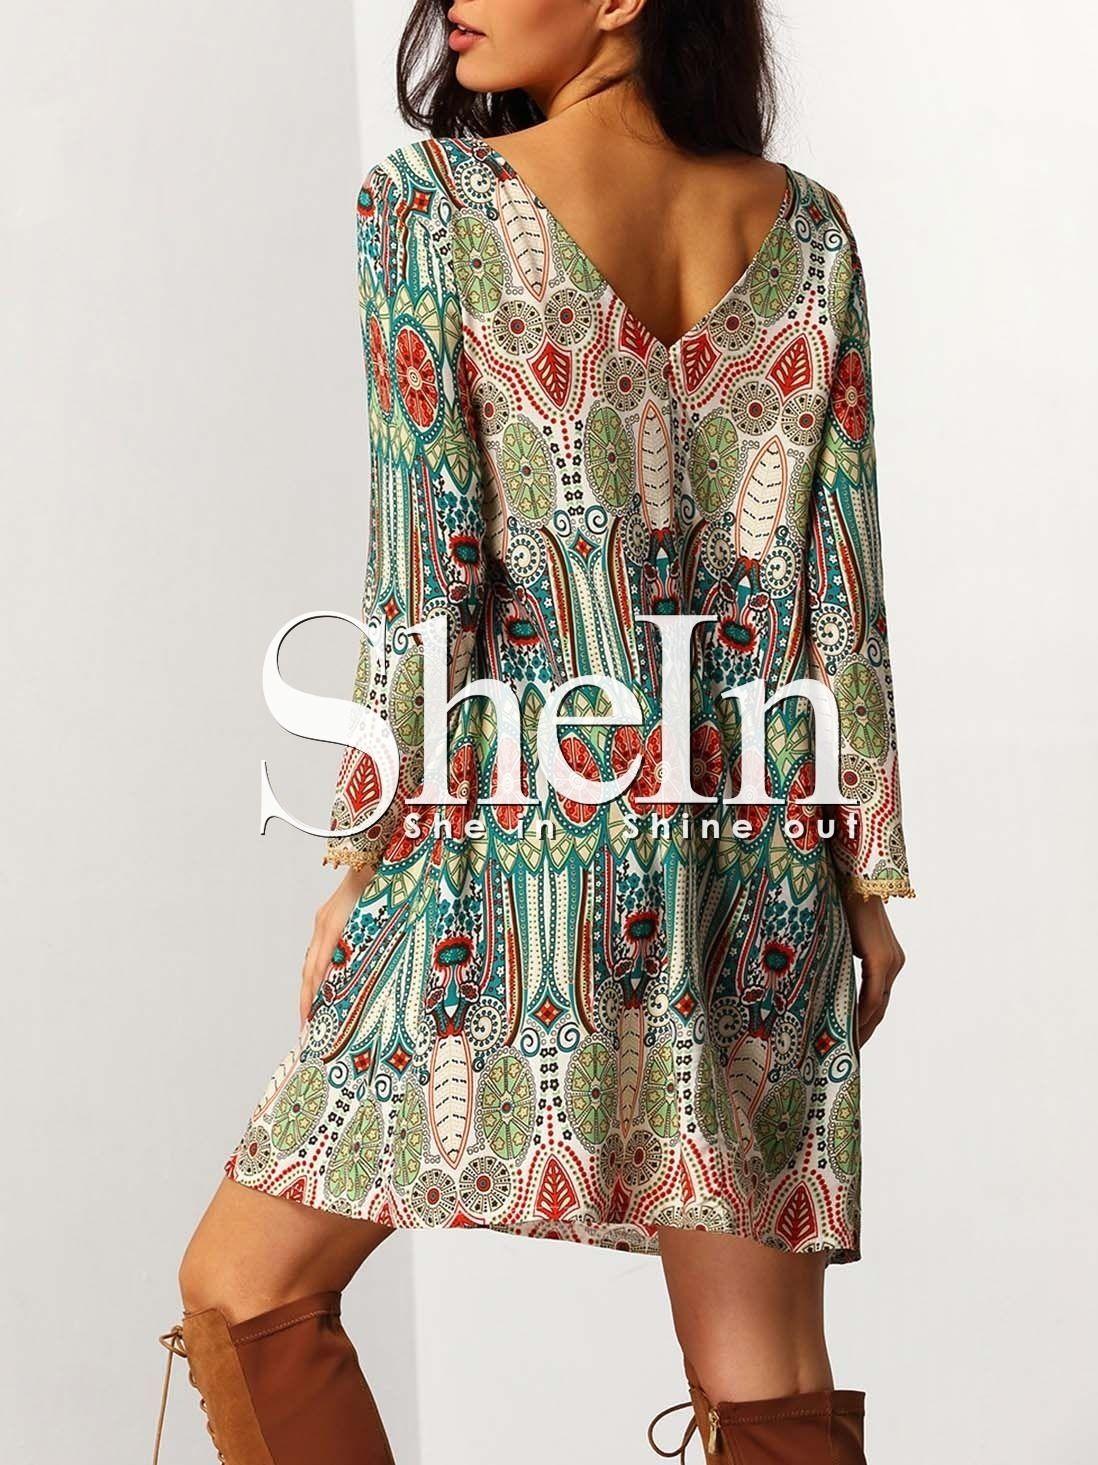 Kleid mit Aztec Druck- German SheIn(Sheinside)  Mode  Mini shirt